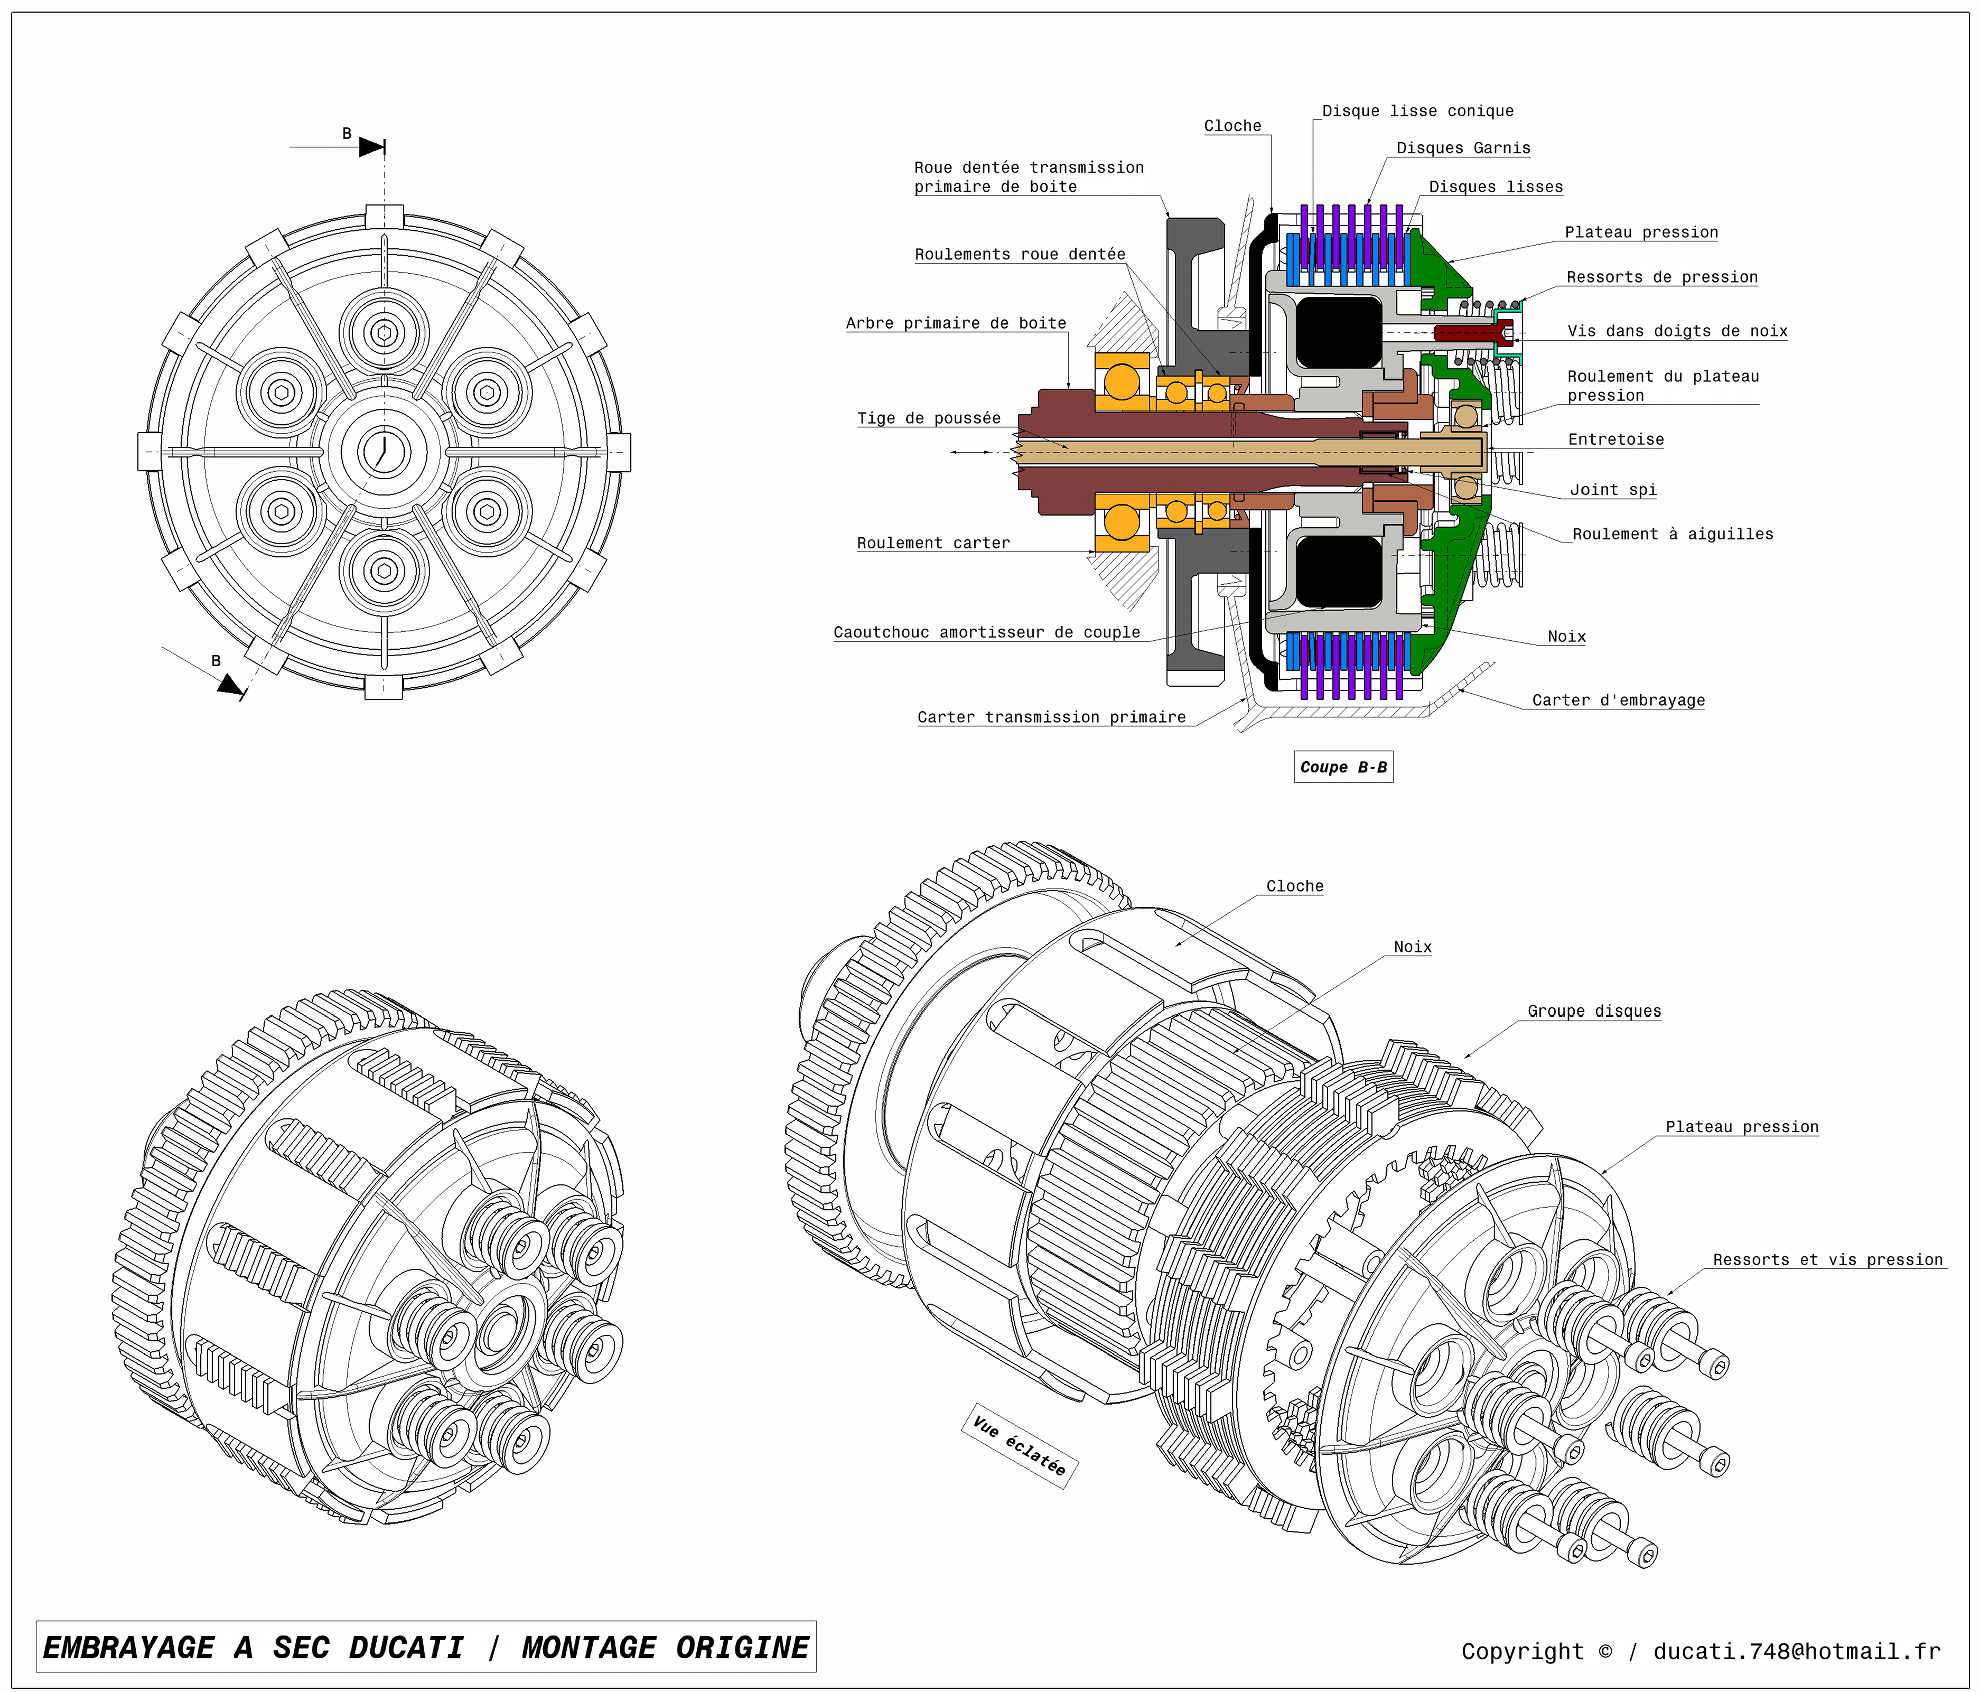 [Tuto] Changement de la cloche embrayage (+ disques garnis) sur embrayage à sec Embrayage_a_sec_ducati_montage_origine_internet